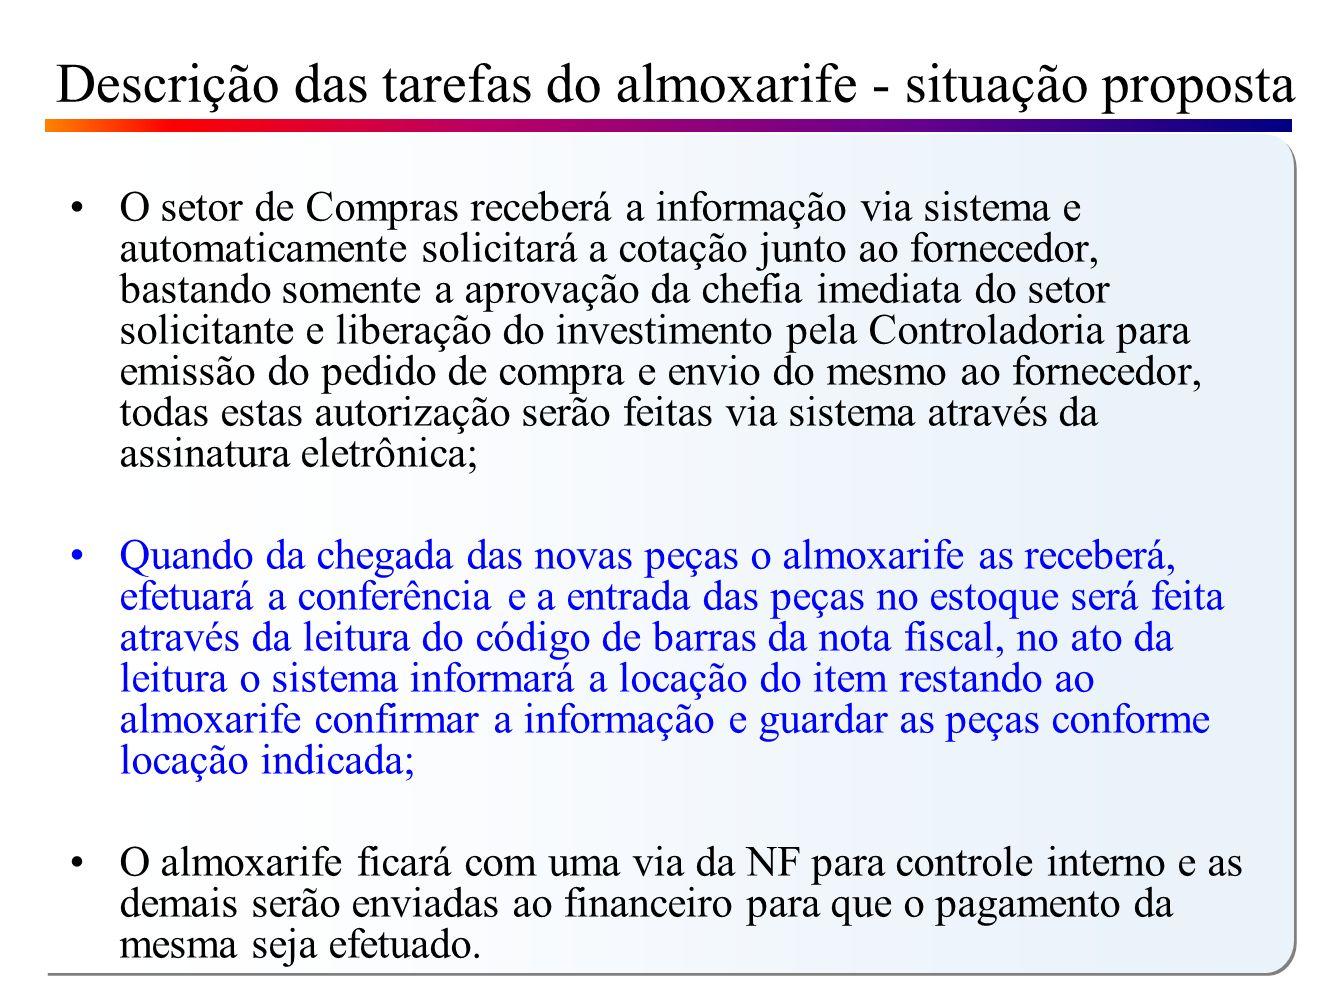 Descrição das tarefas do almoxarife - situação proposta